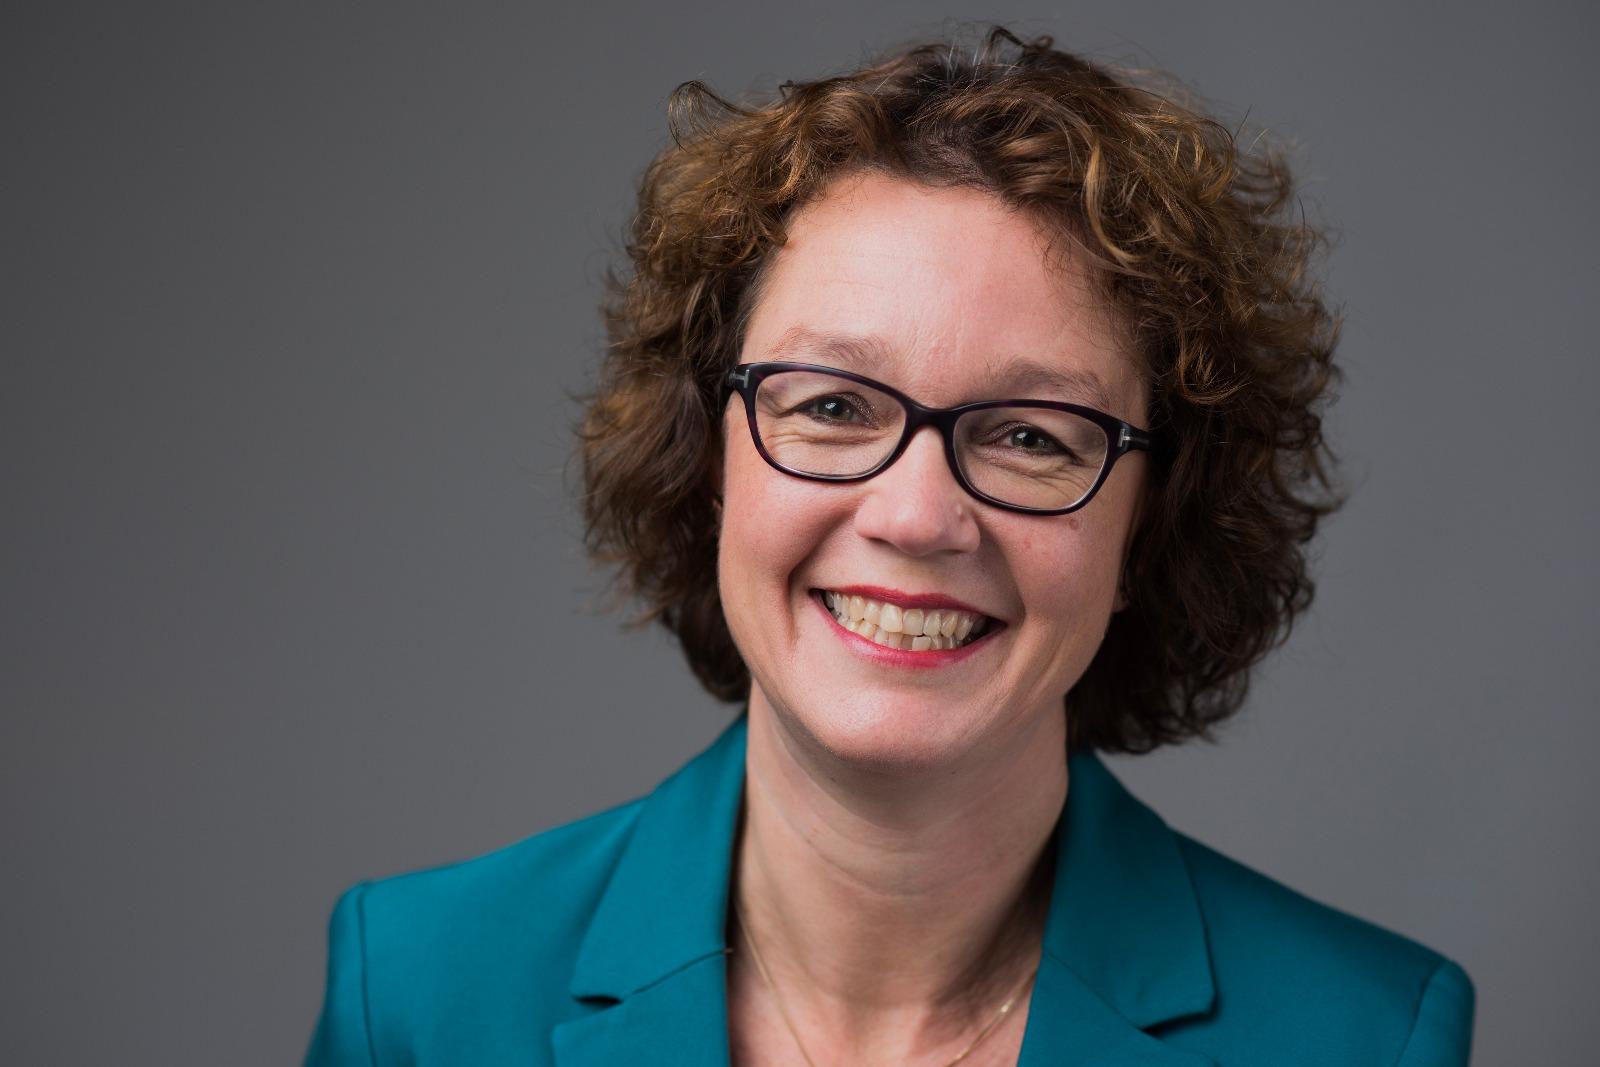 Sonja Koster